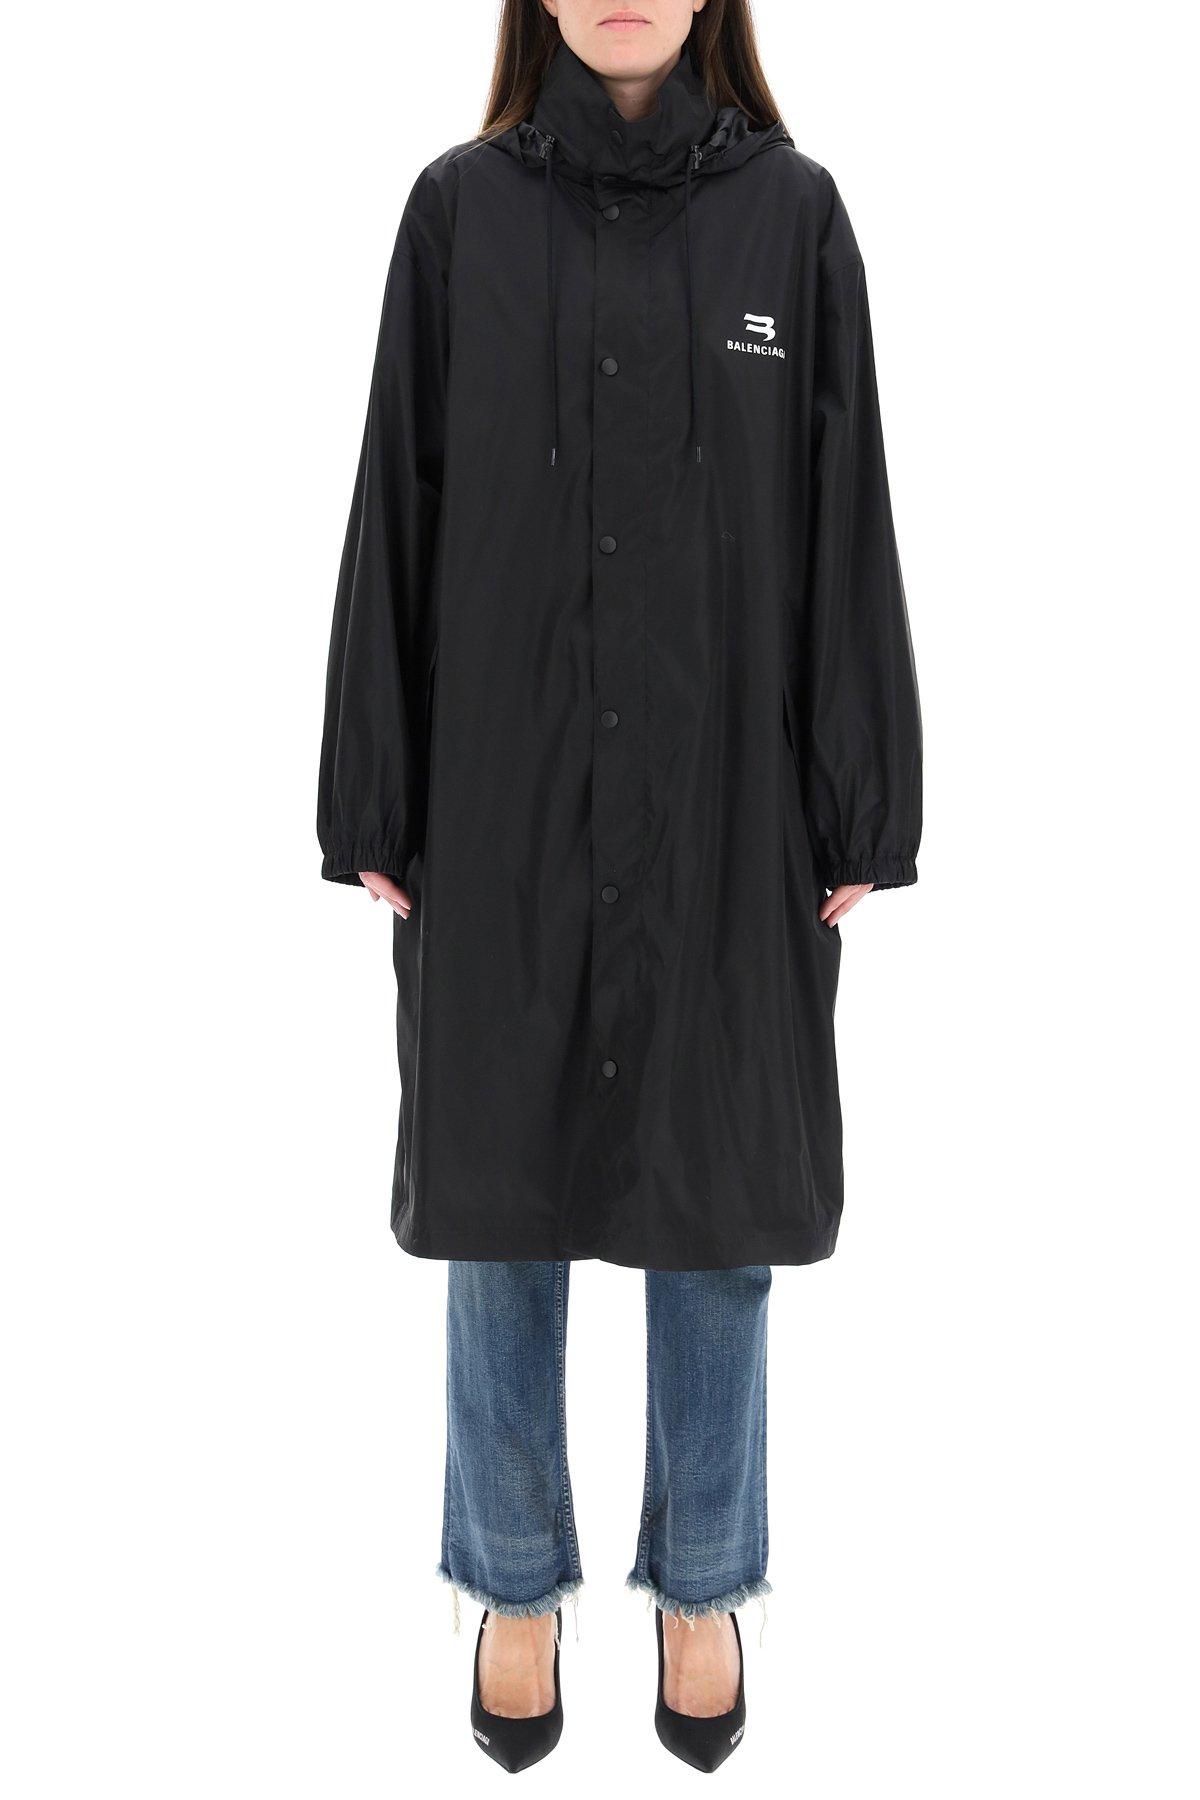 Balenciaga jacket shiny nylon sporty b